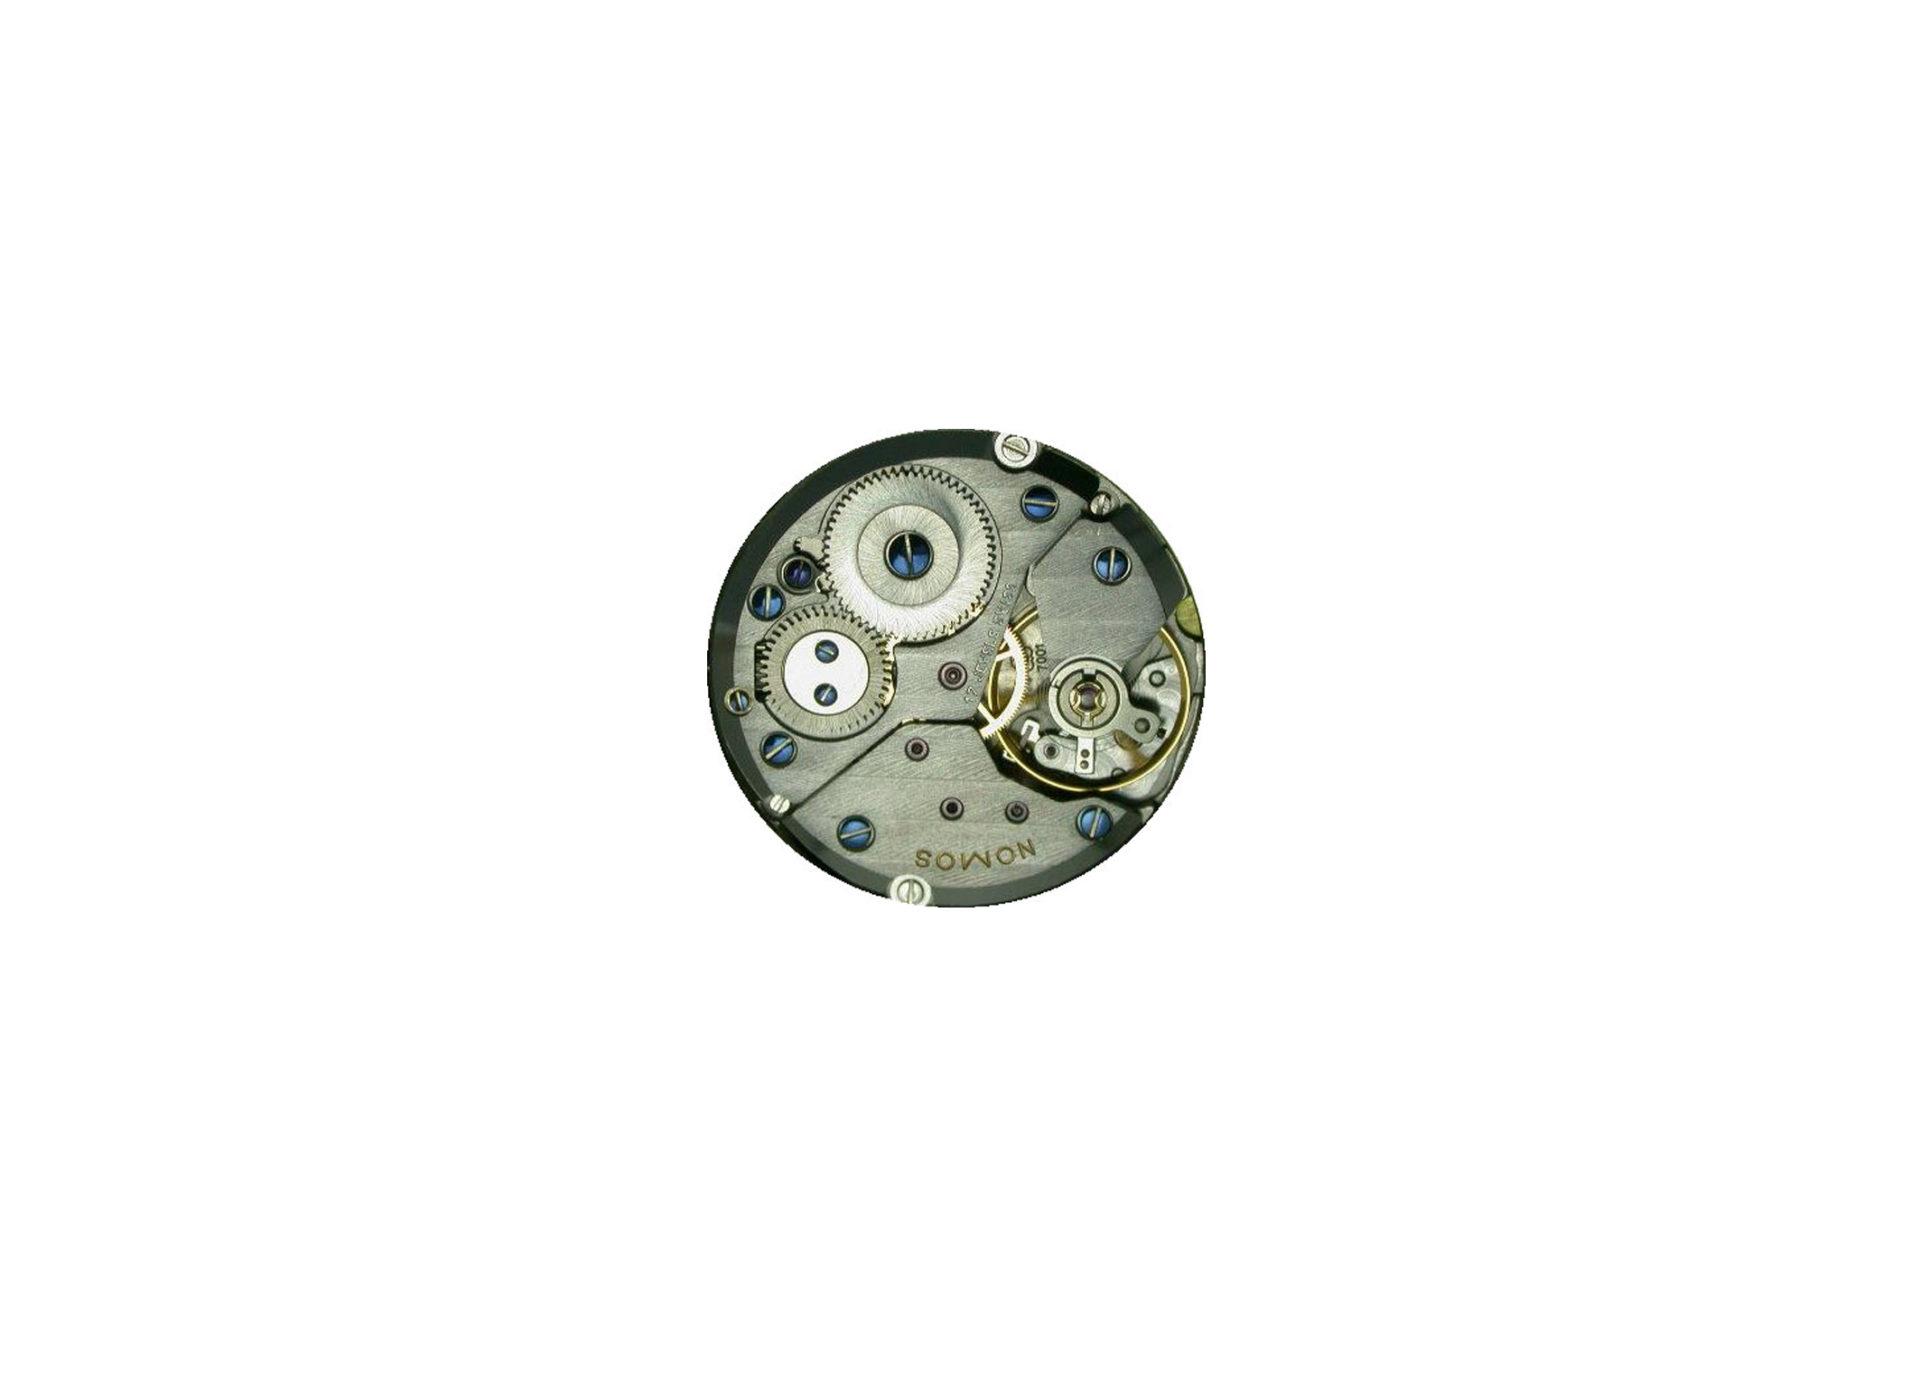 Peseux 7001 von ETA, das war das Handaufzugswerk, das in den ersten Tangente Uhren von Nomos Verwendung fand